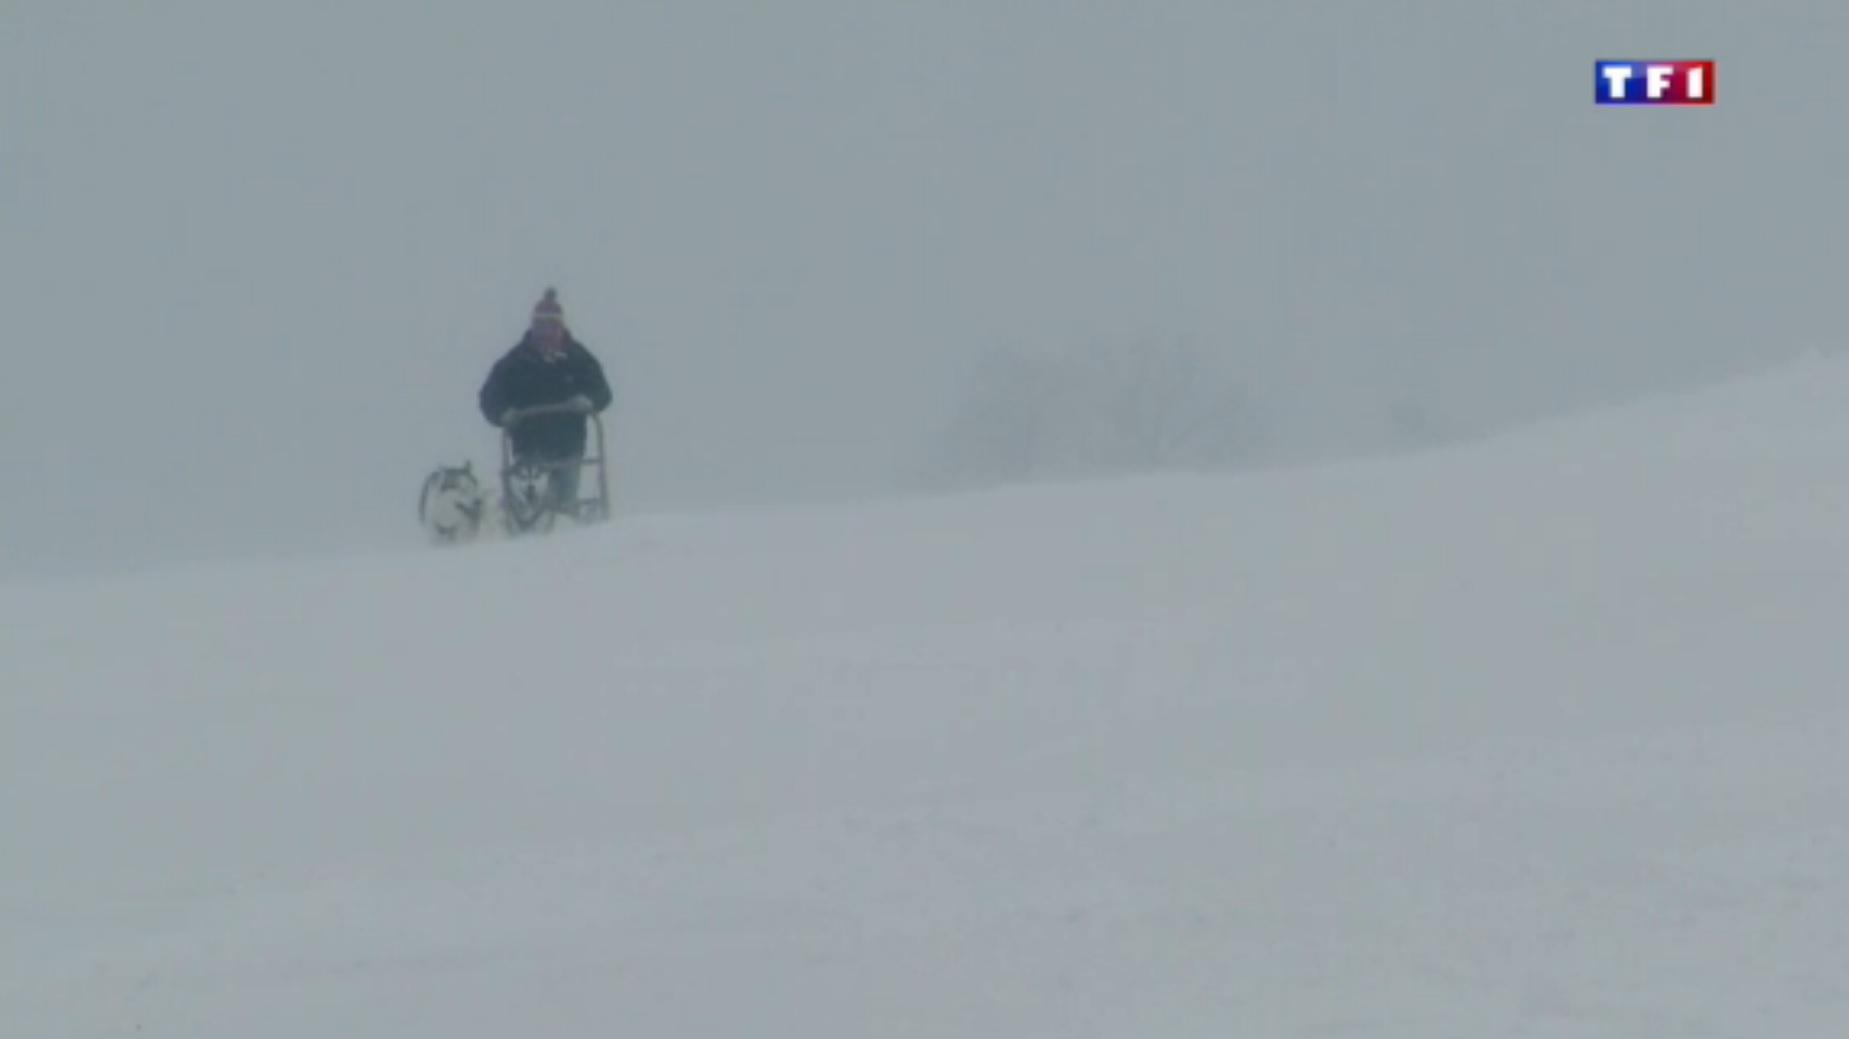 TF1 Jura (3-5) les mordus de ski de fond  23